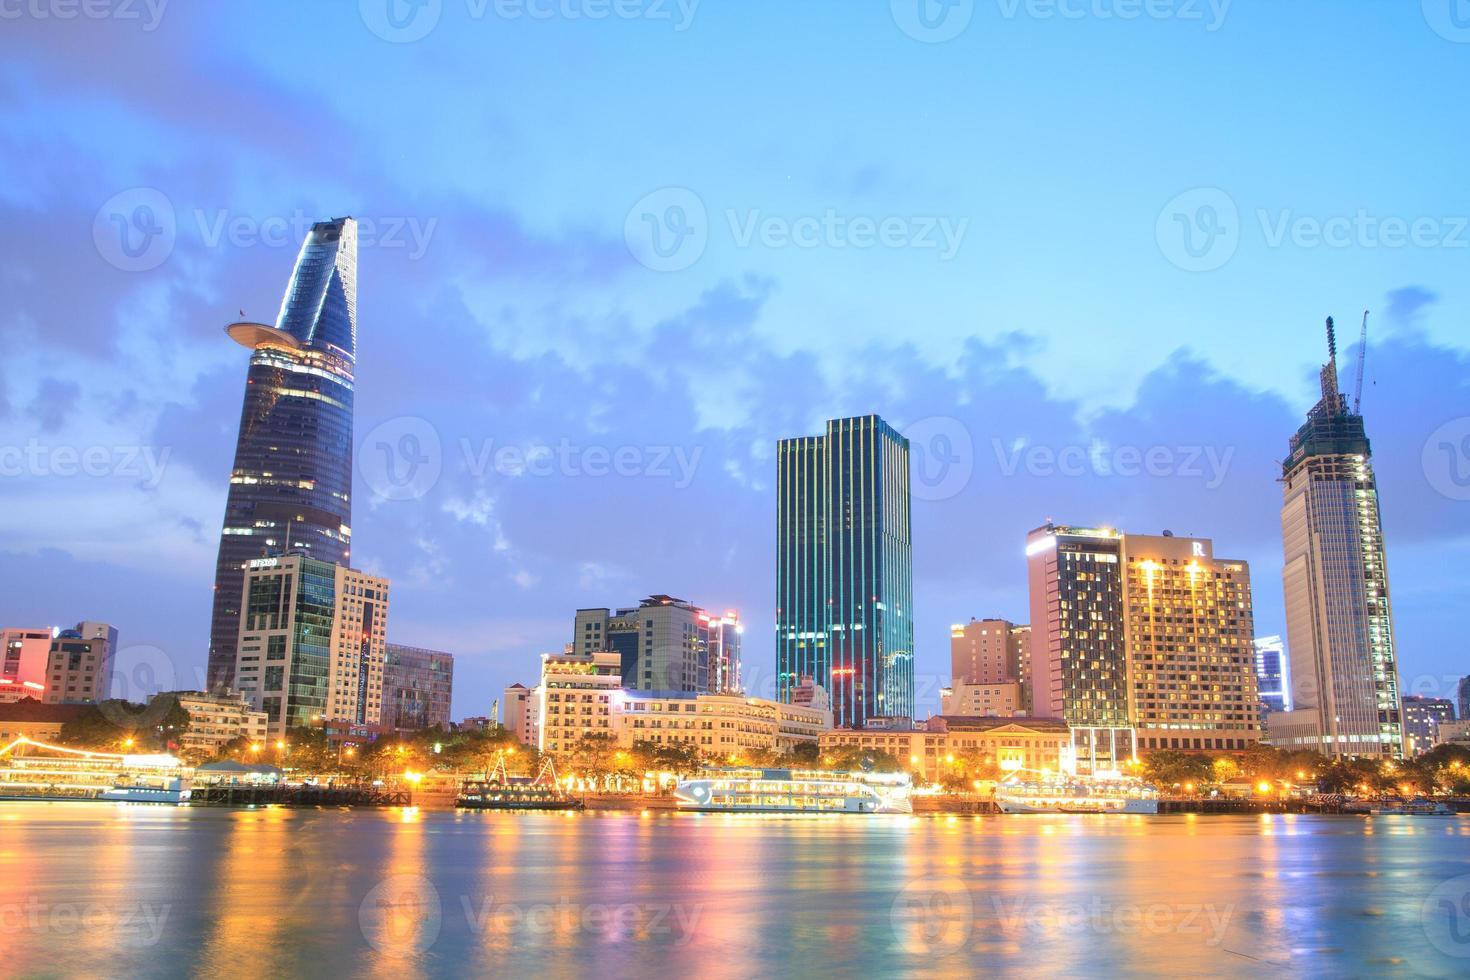 nacht uitzicht over ho chi minh stad foto